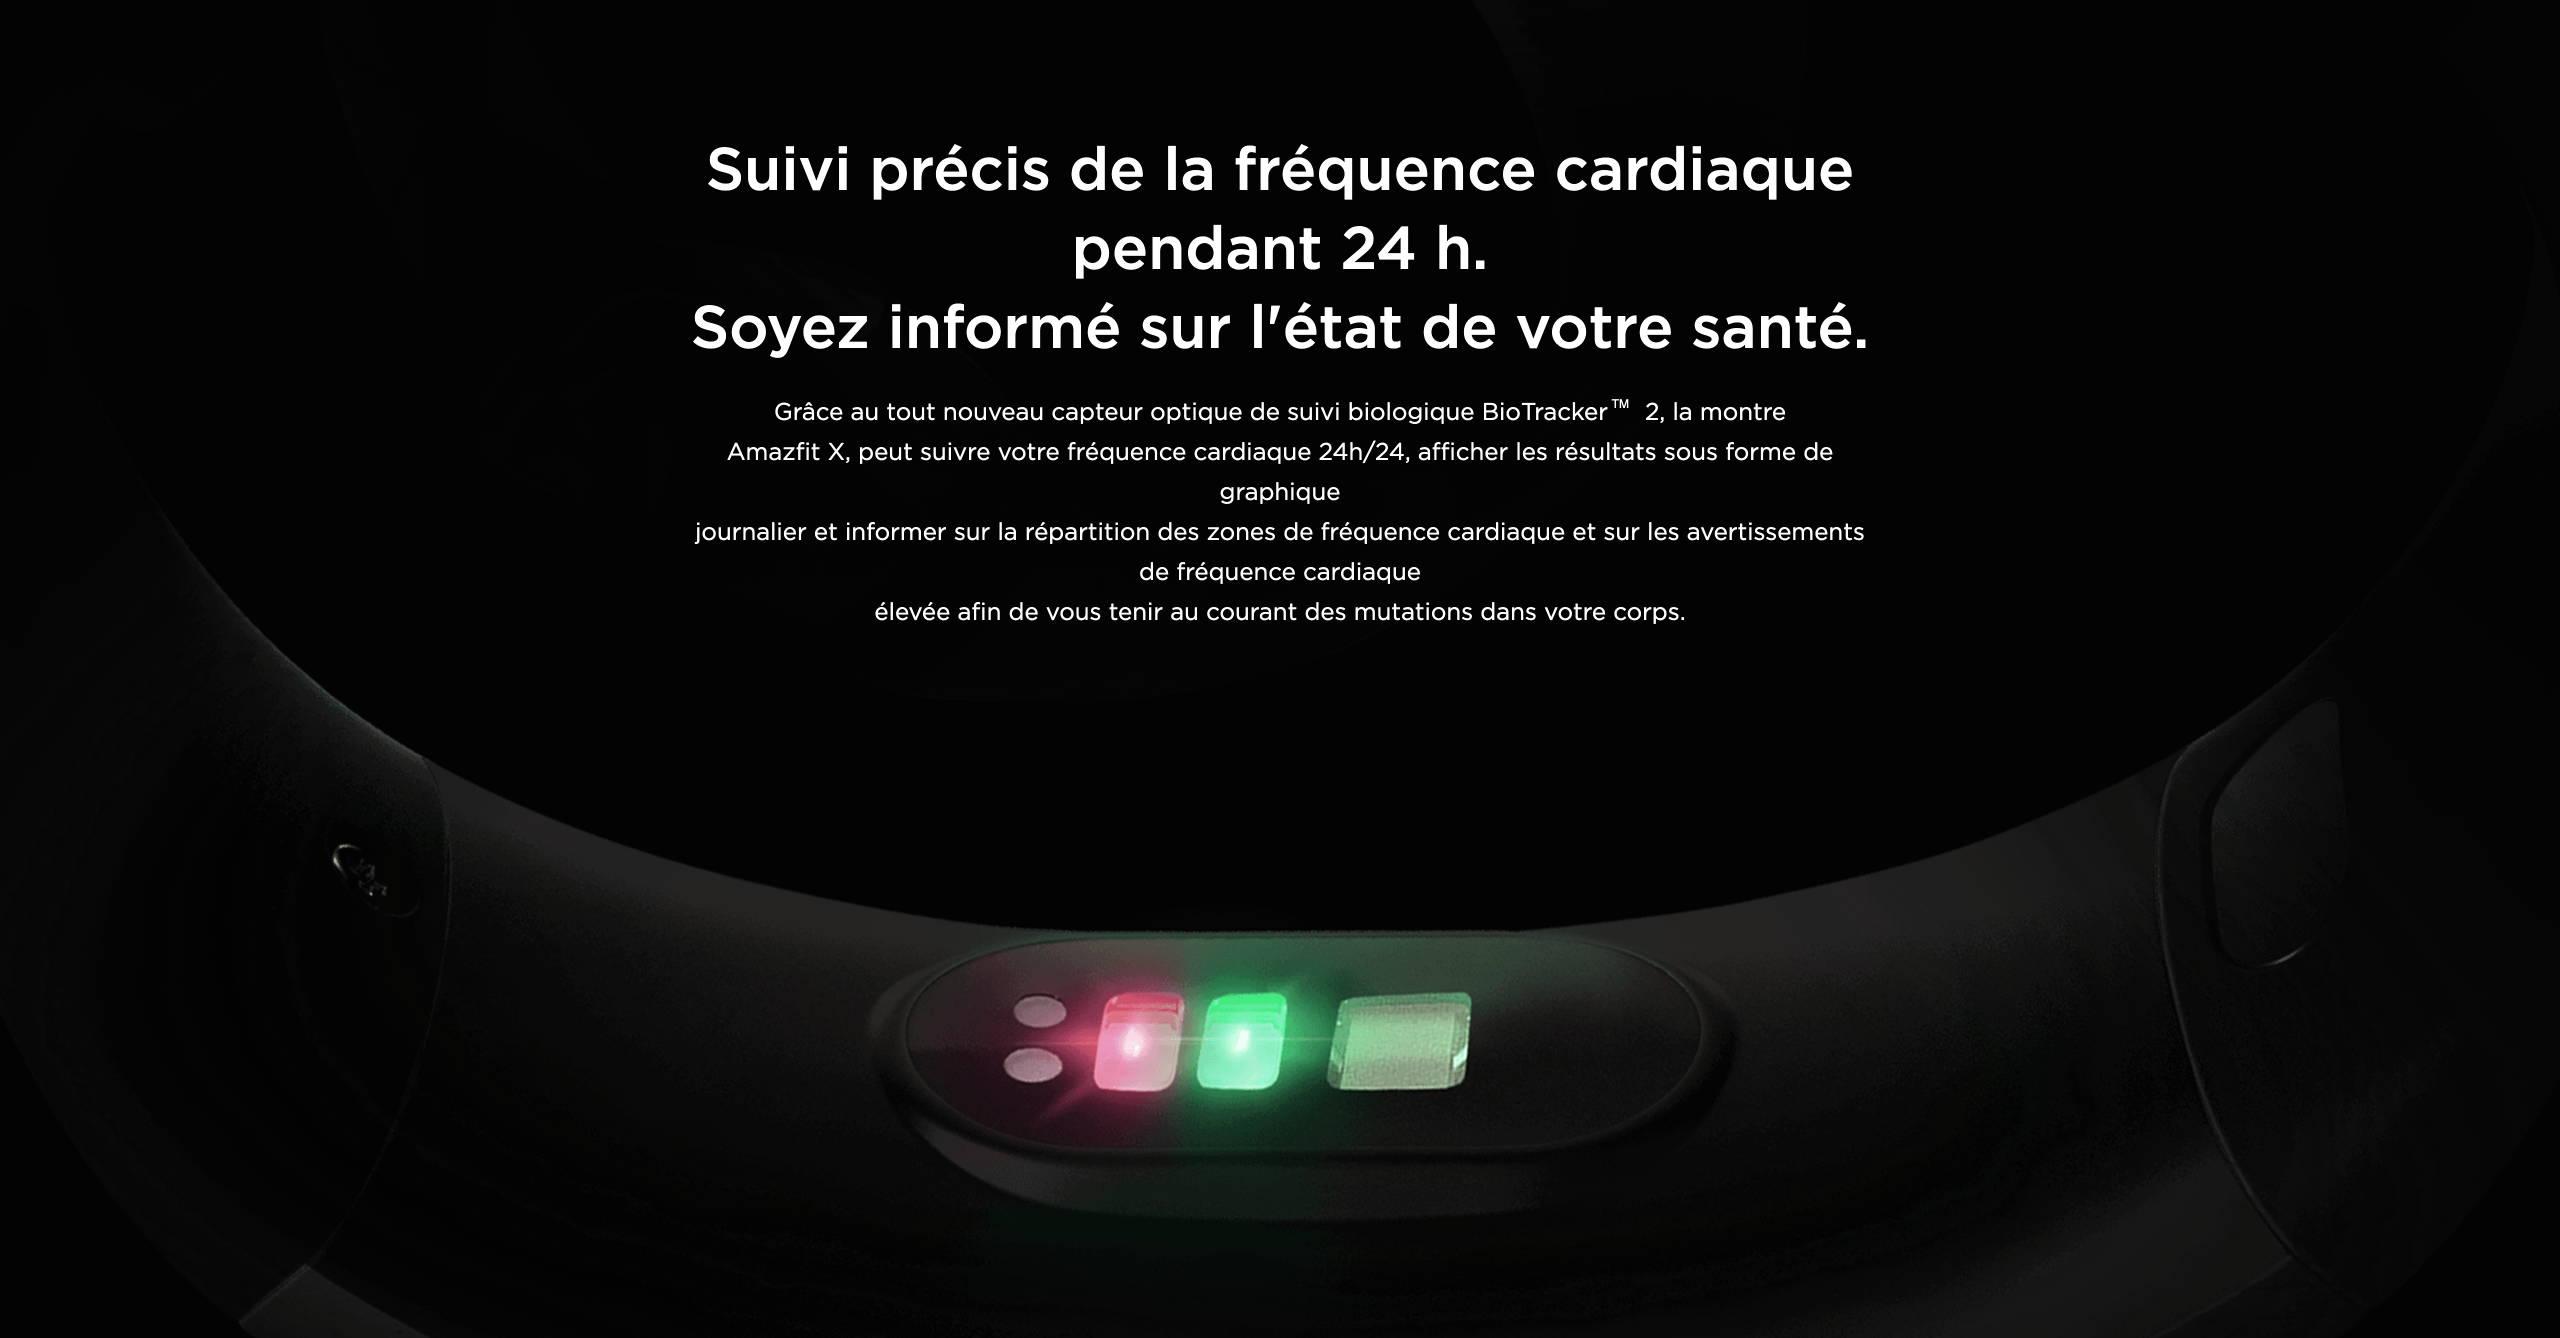 Amazfit X - Suivi précis de la fréquence cardiaque pendant 24 h.Soyez informé sur l'état de votre santé.